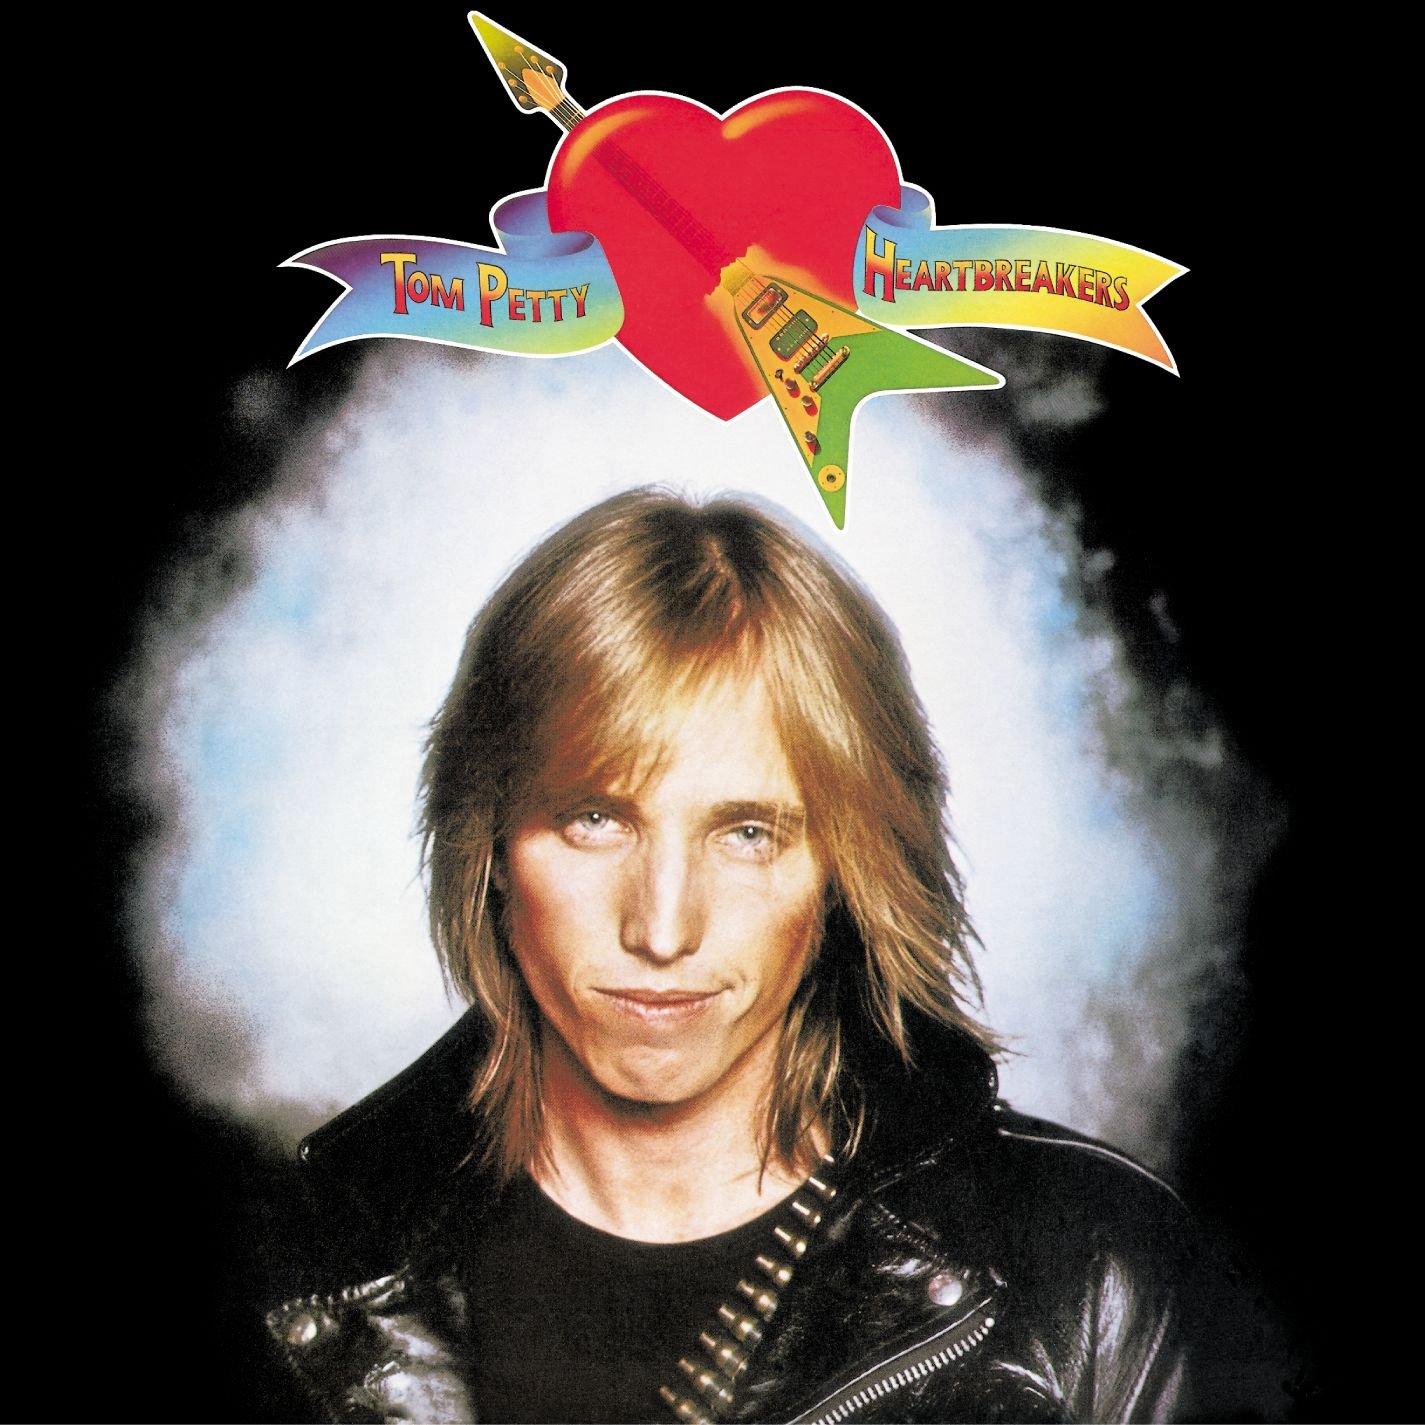 Tom Petty & The Heartbreakers (Black vinyl) by Warner Bros.